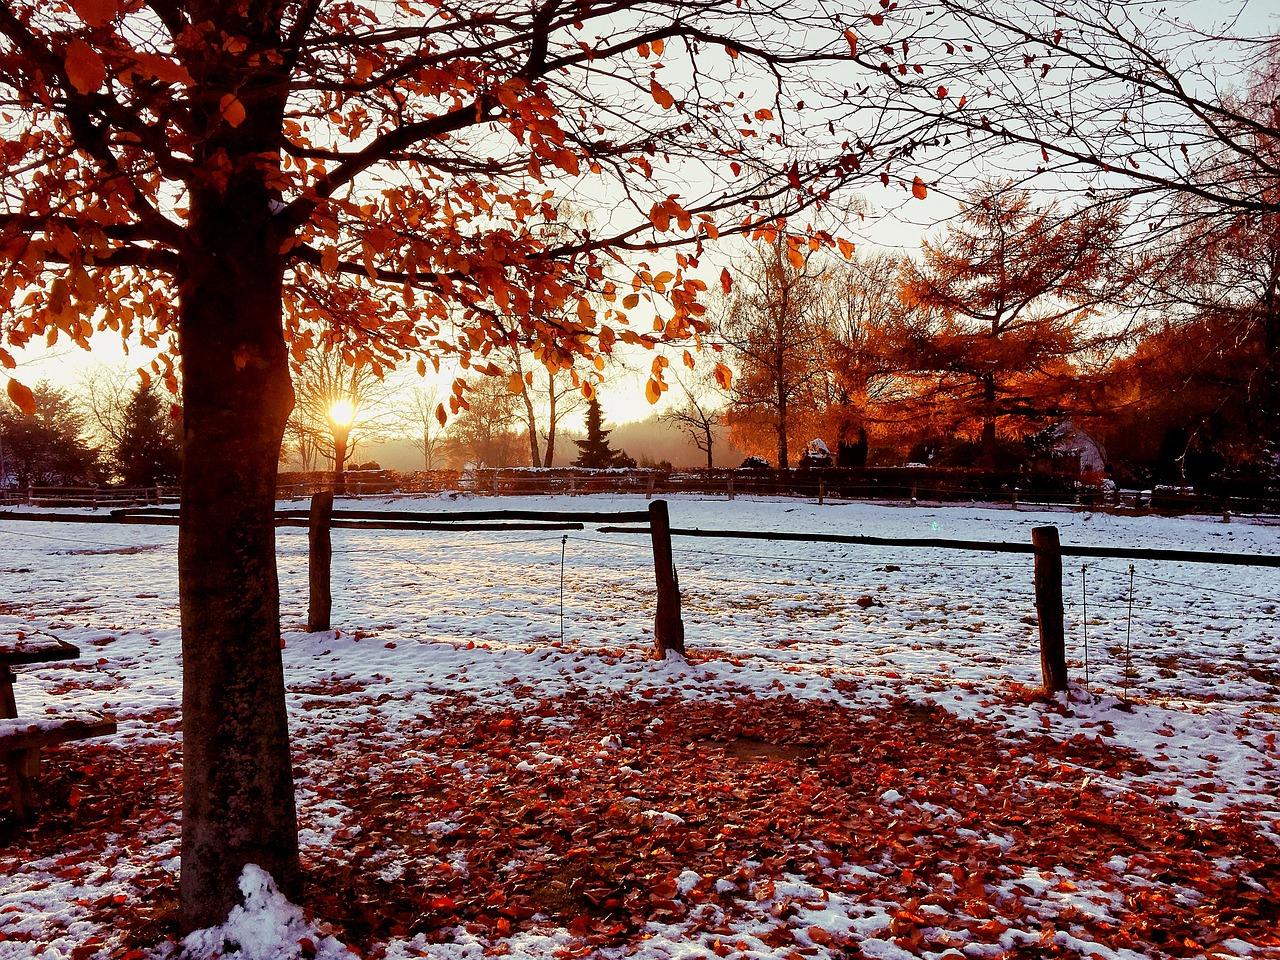 осень картинки со снегом процессами изготовления